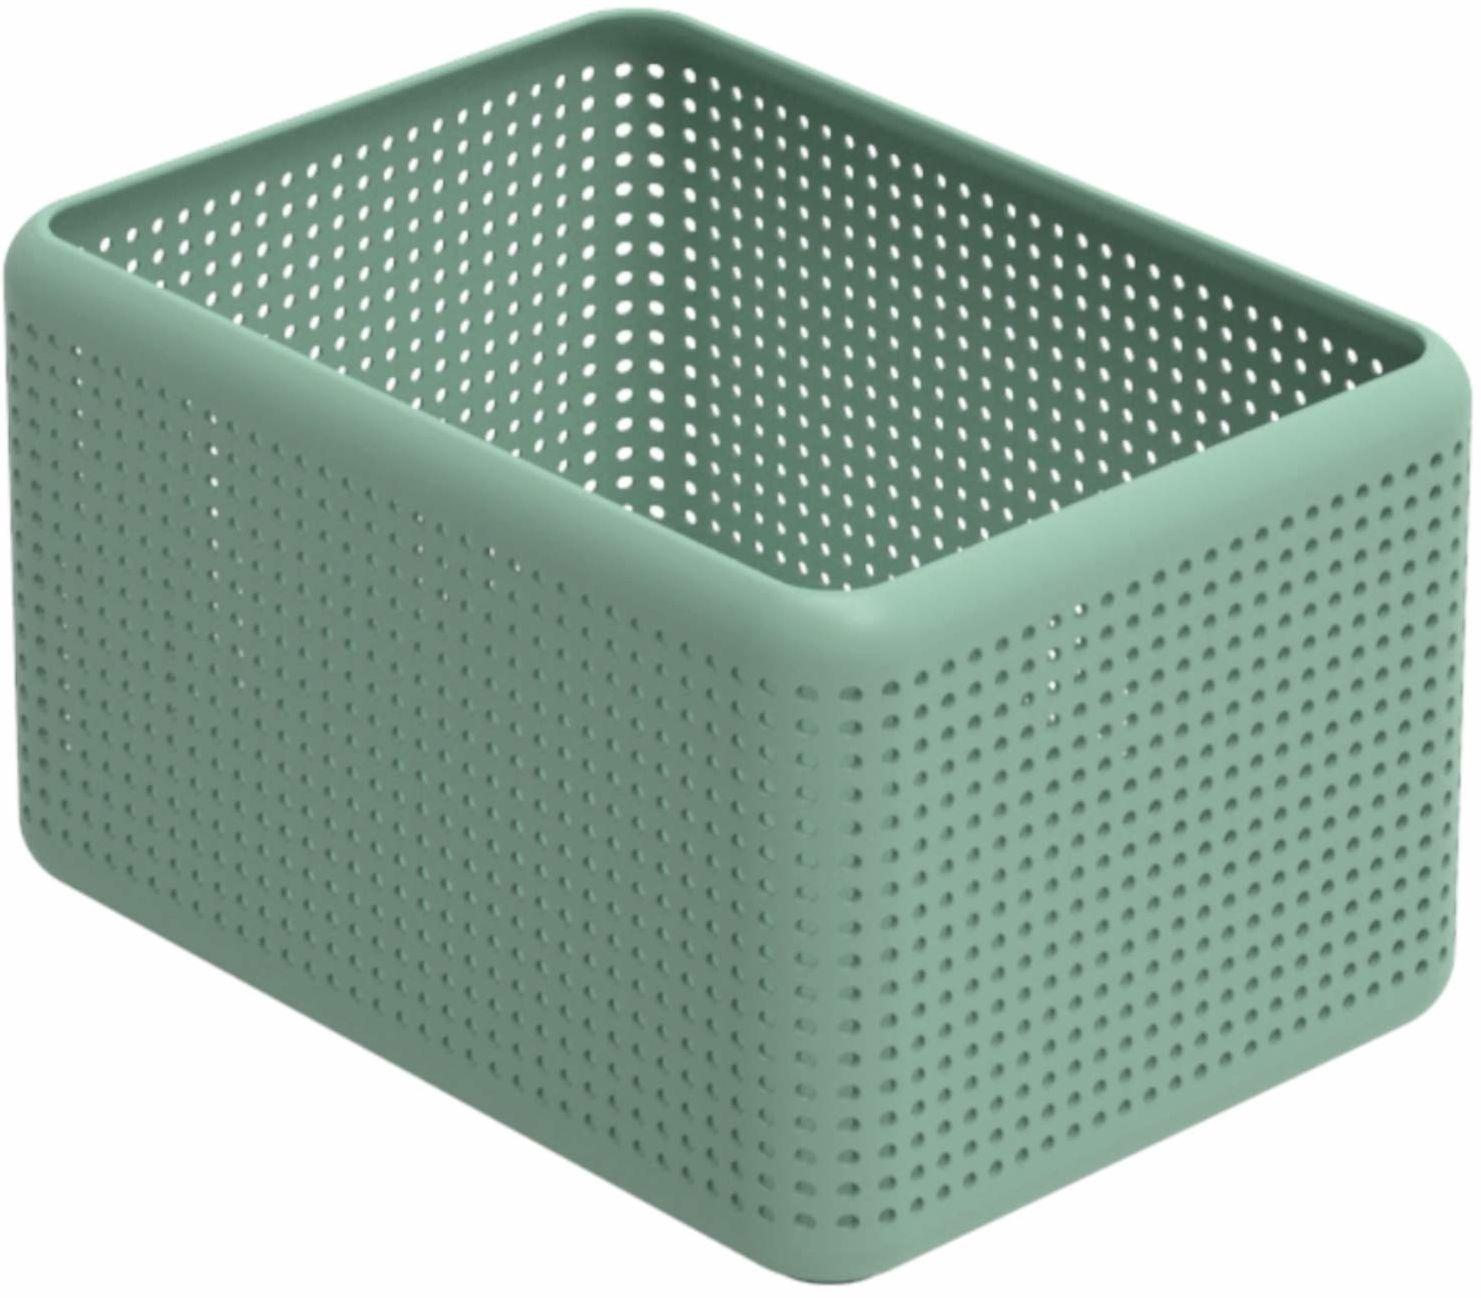 Rotho, Madei, pudełko do przechowywania bez pokrywki 13 l, plastik (PP) bez BPA, zielony, 13 l (32,6 x 23,8 x 18,8 cm)